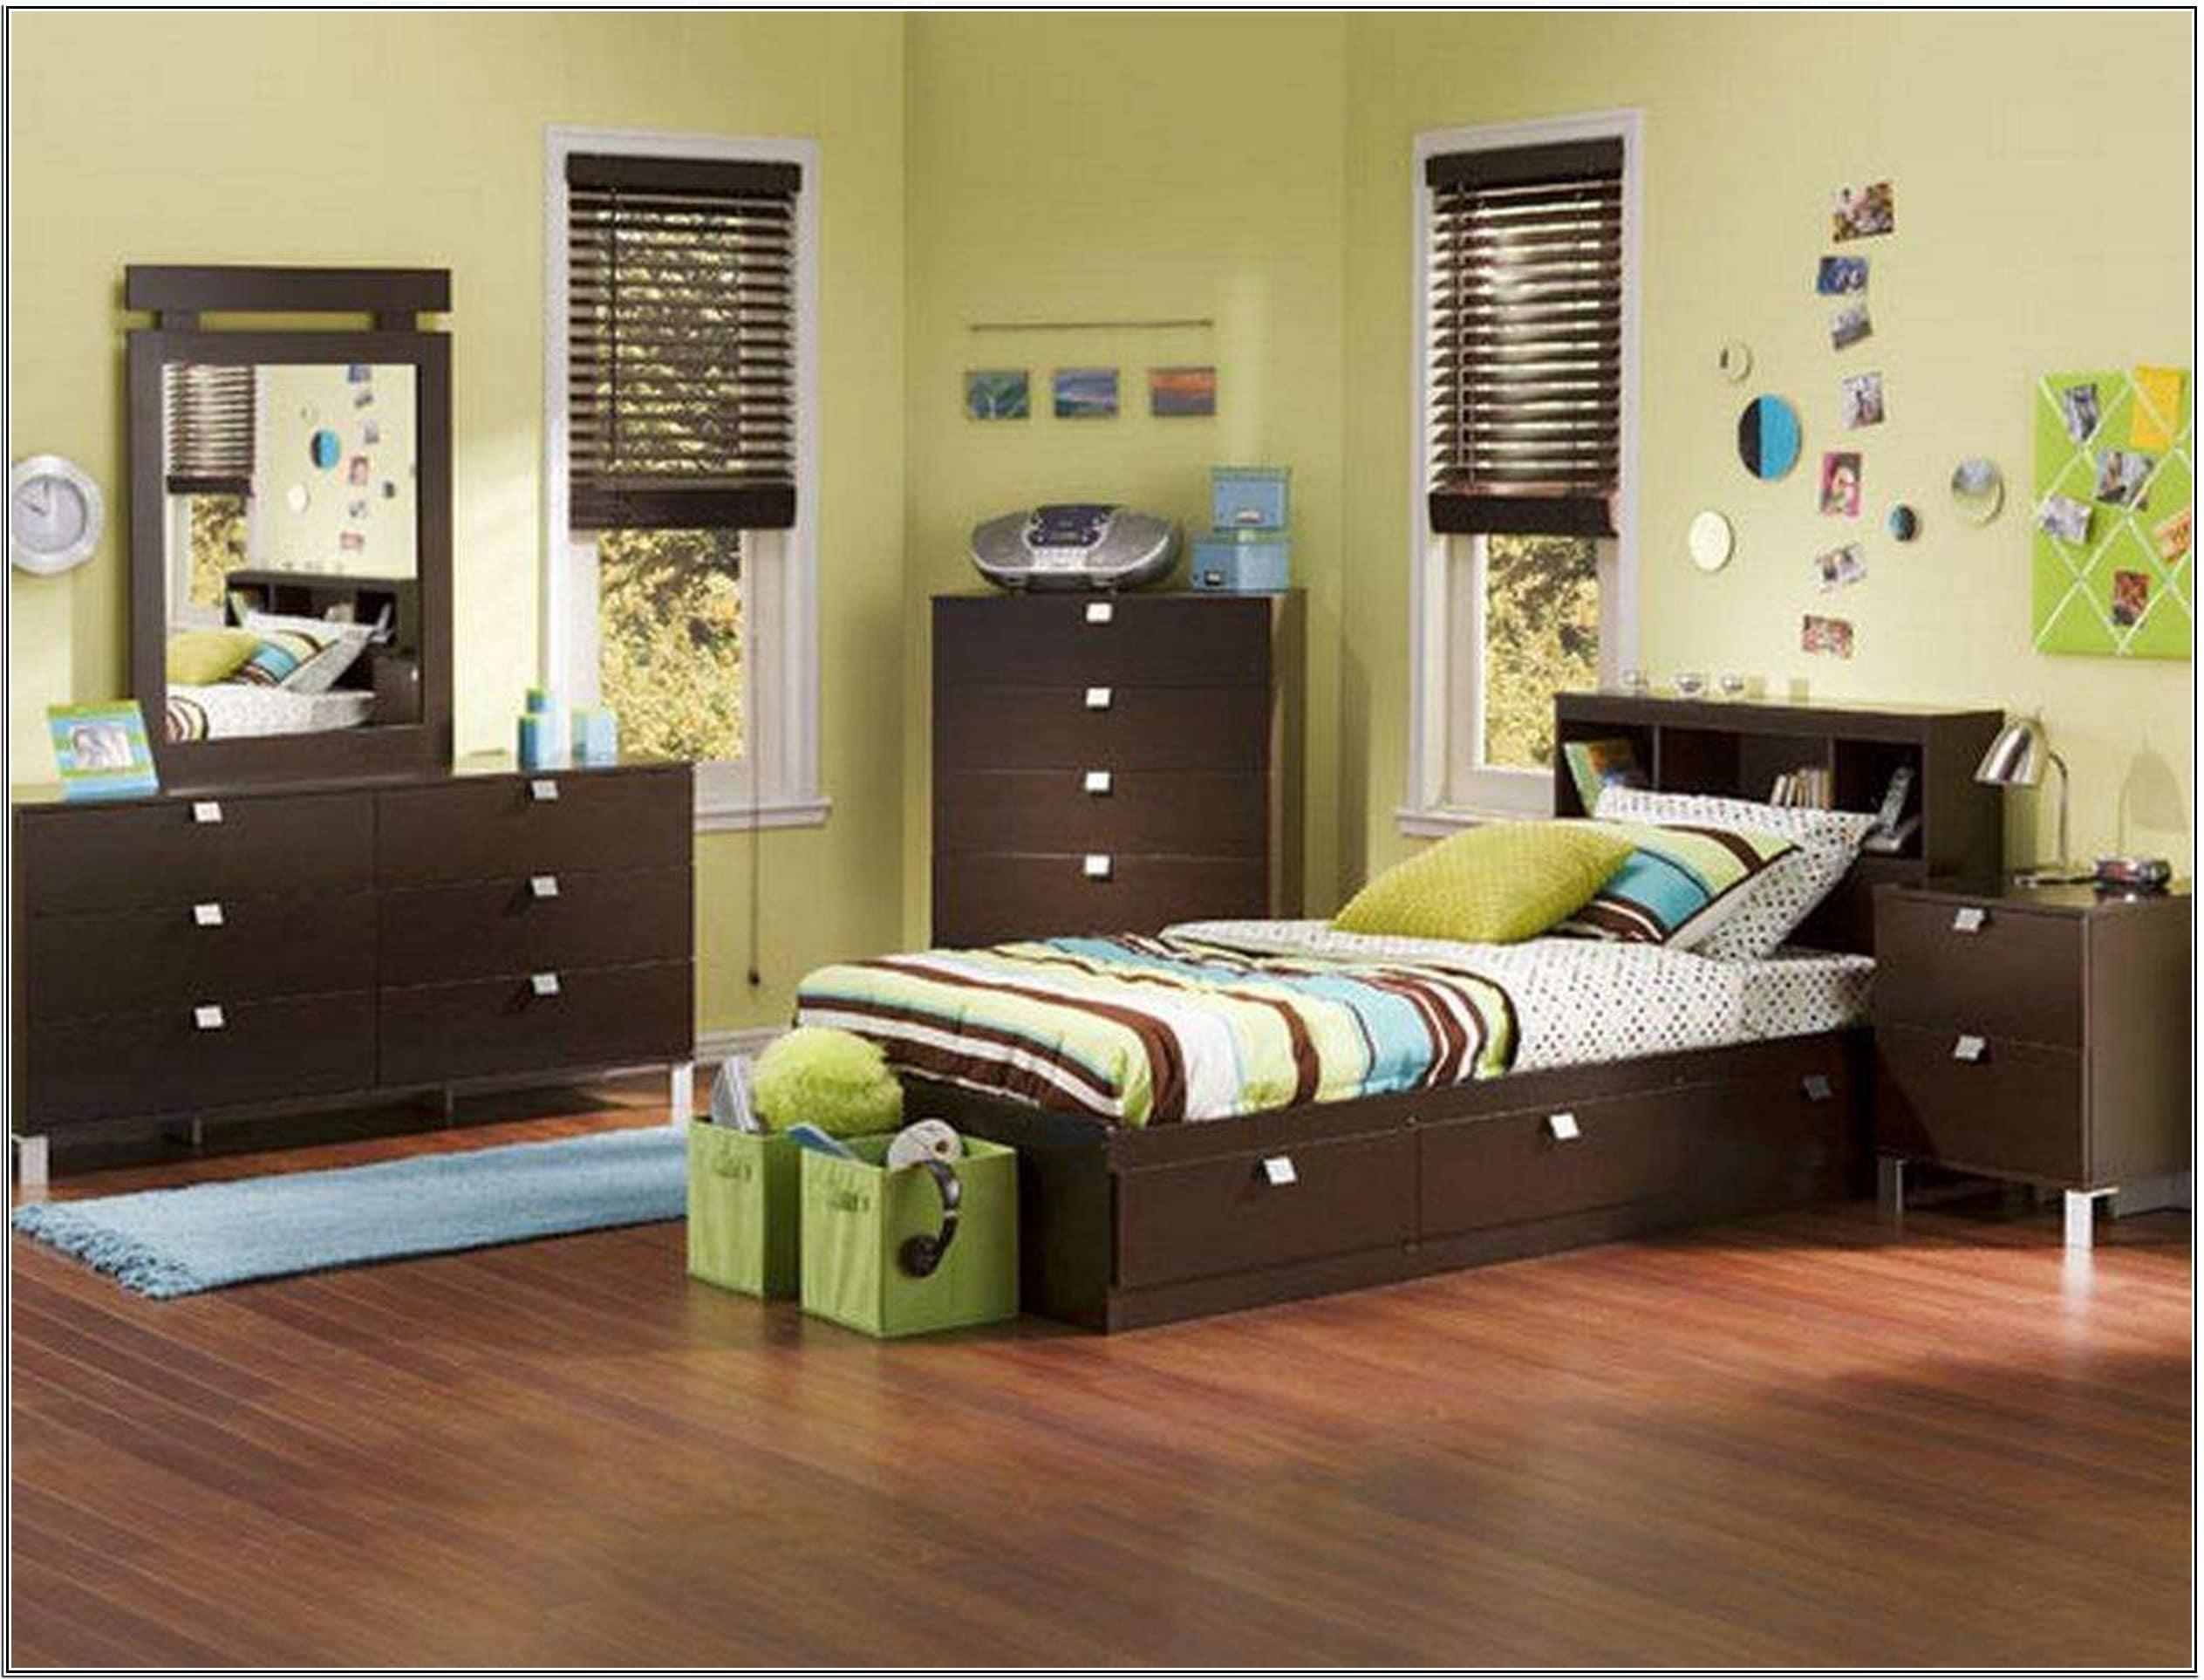 Habitaciones Juveniles Originales 80 Ideas Para Tus Hijos  ~ Como Decorar Una Habitacion Juvenil Pequeña